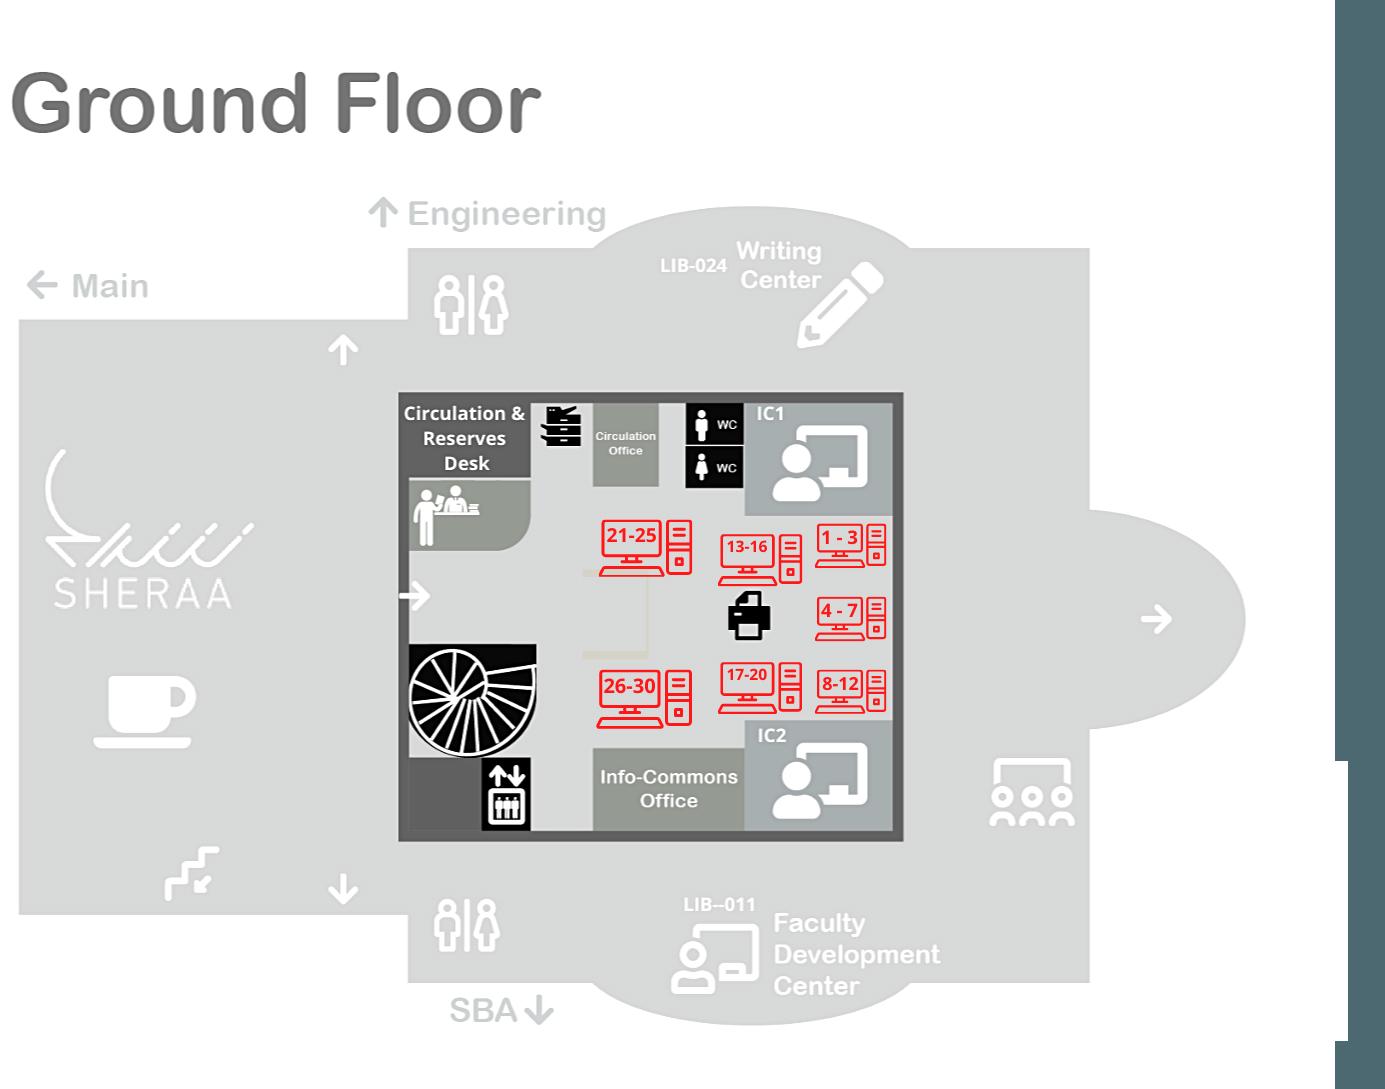 PCs Ground Floor